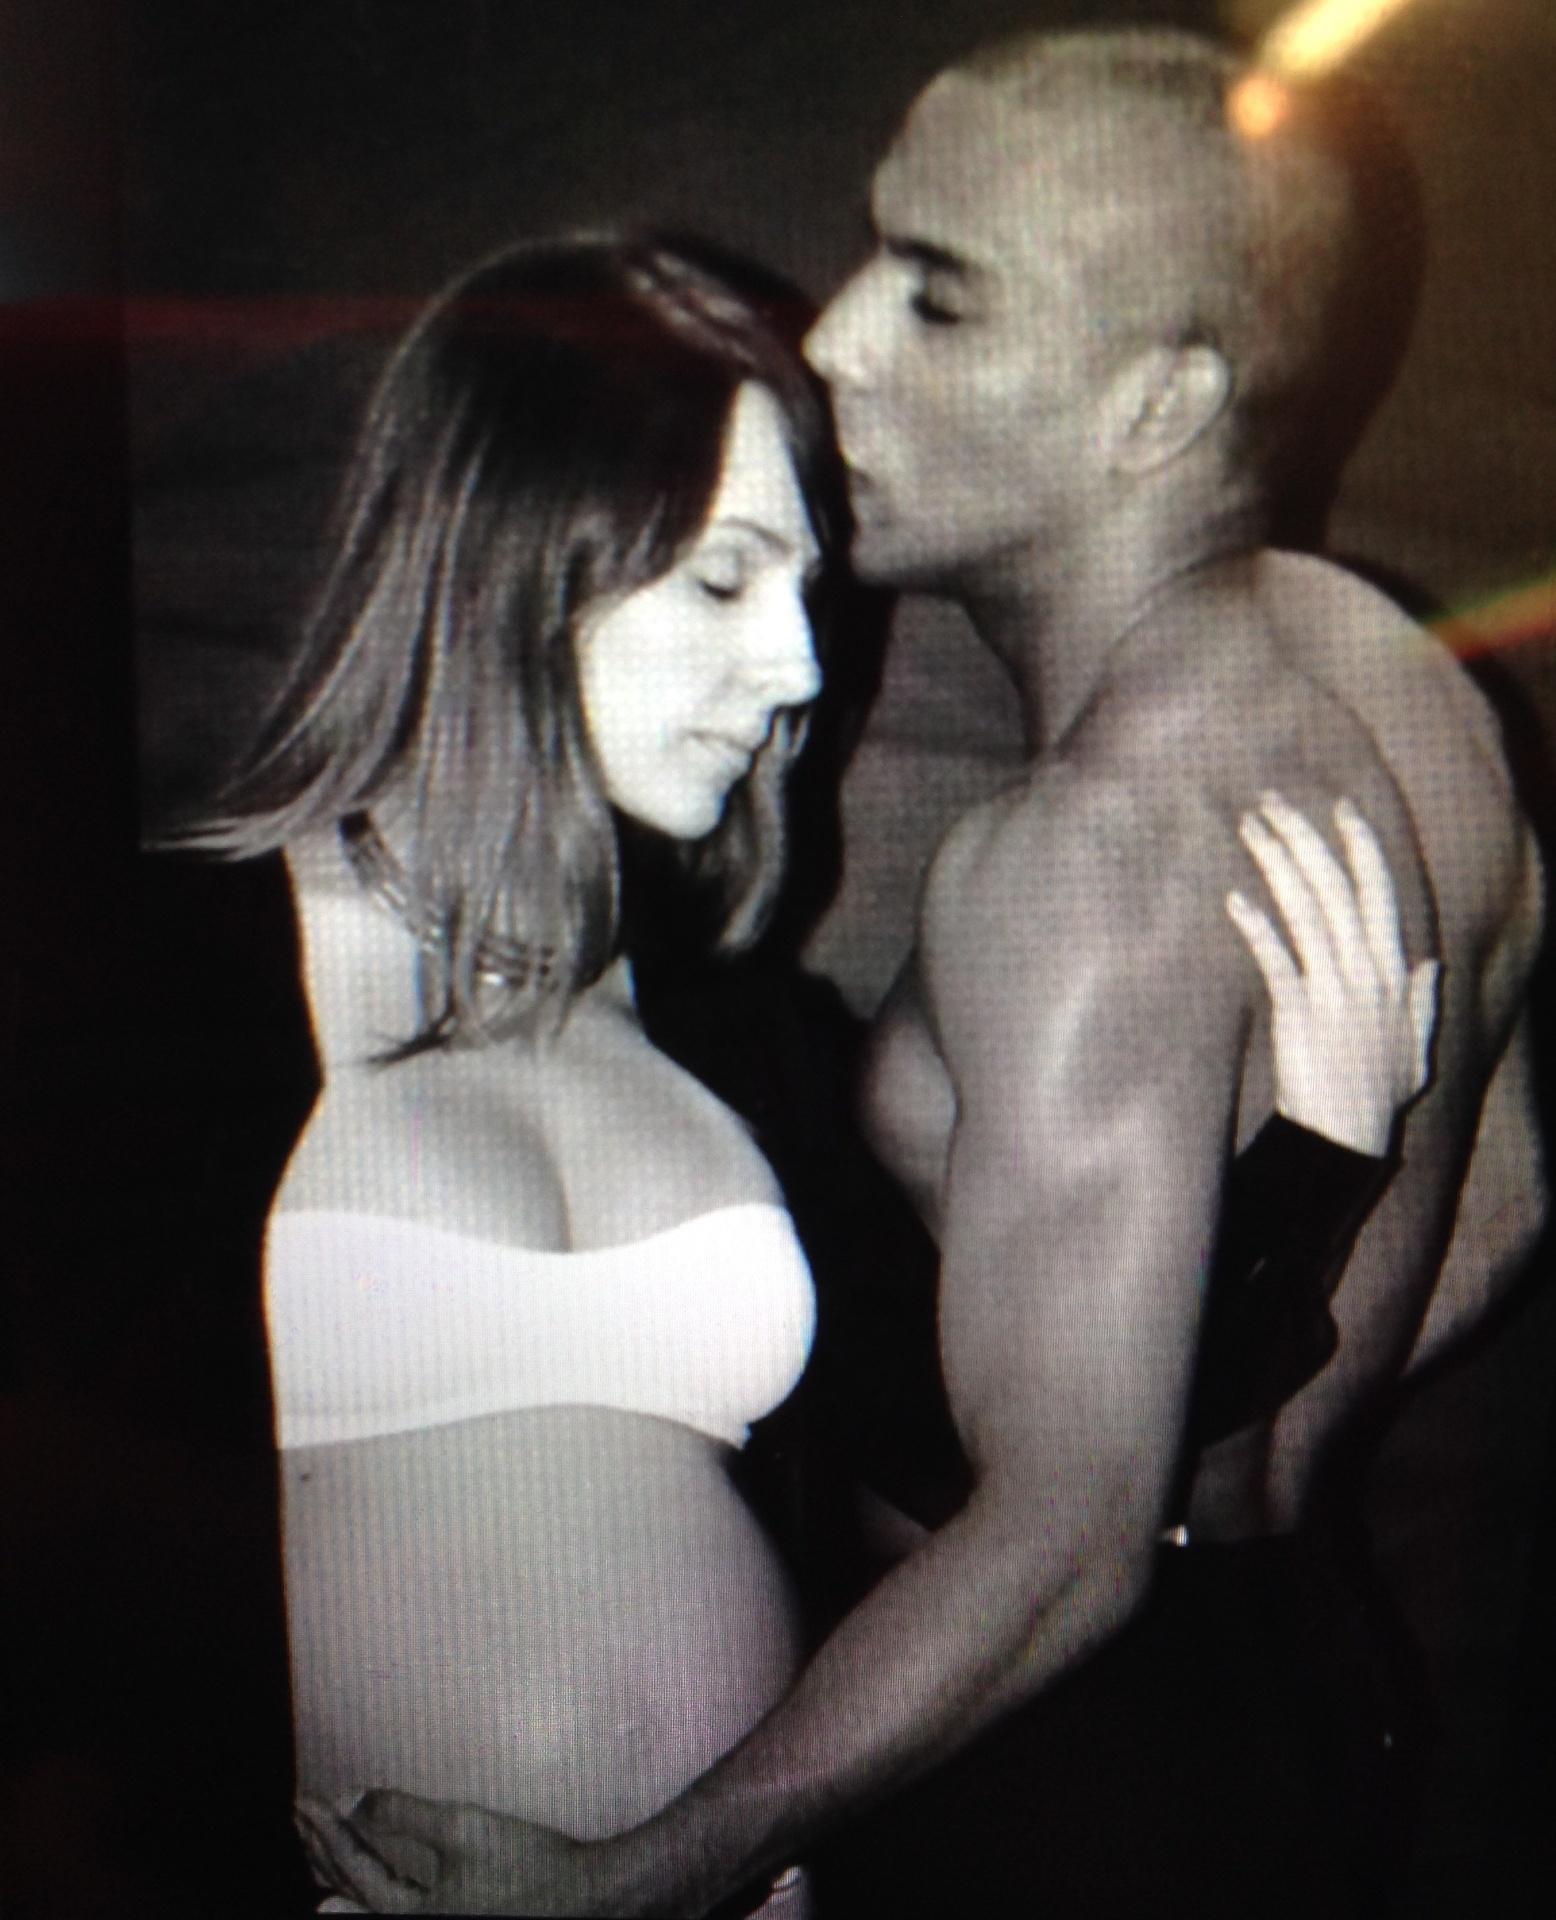 Lutador brasileiro Edson Barboza posa com a sua mulher, Bruna, grávida do primeiro filho do casal